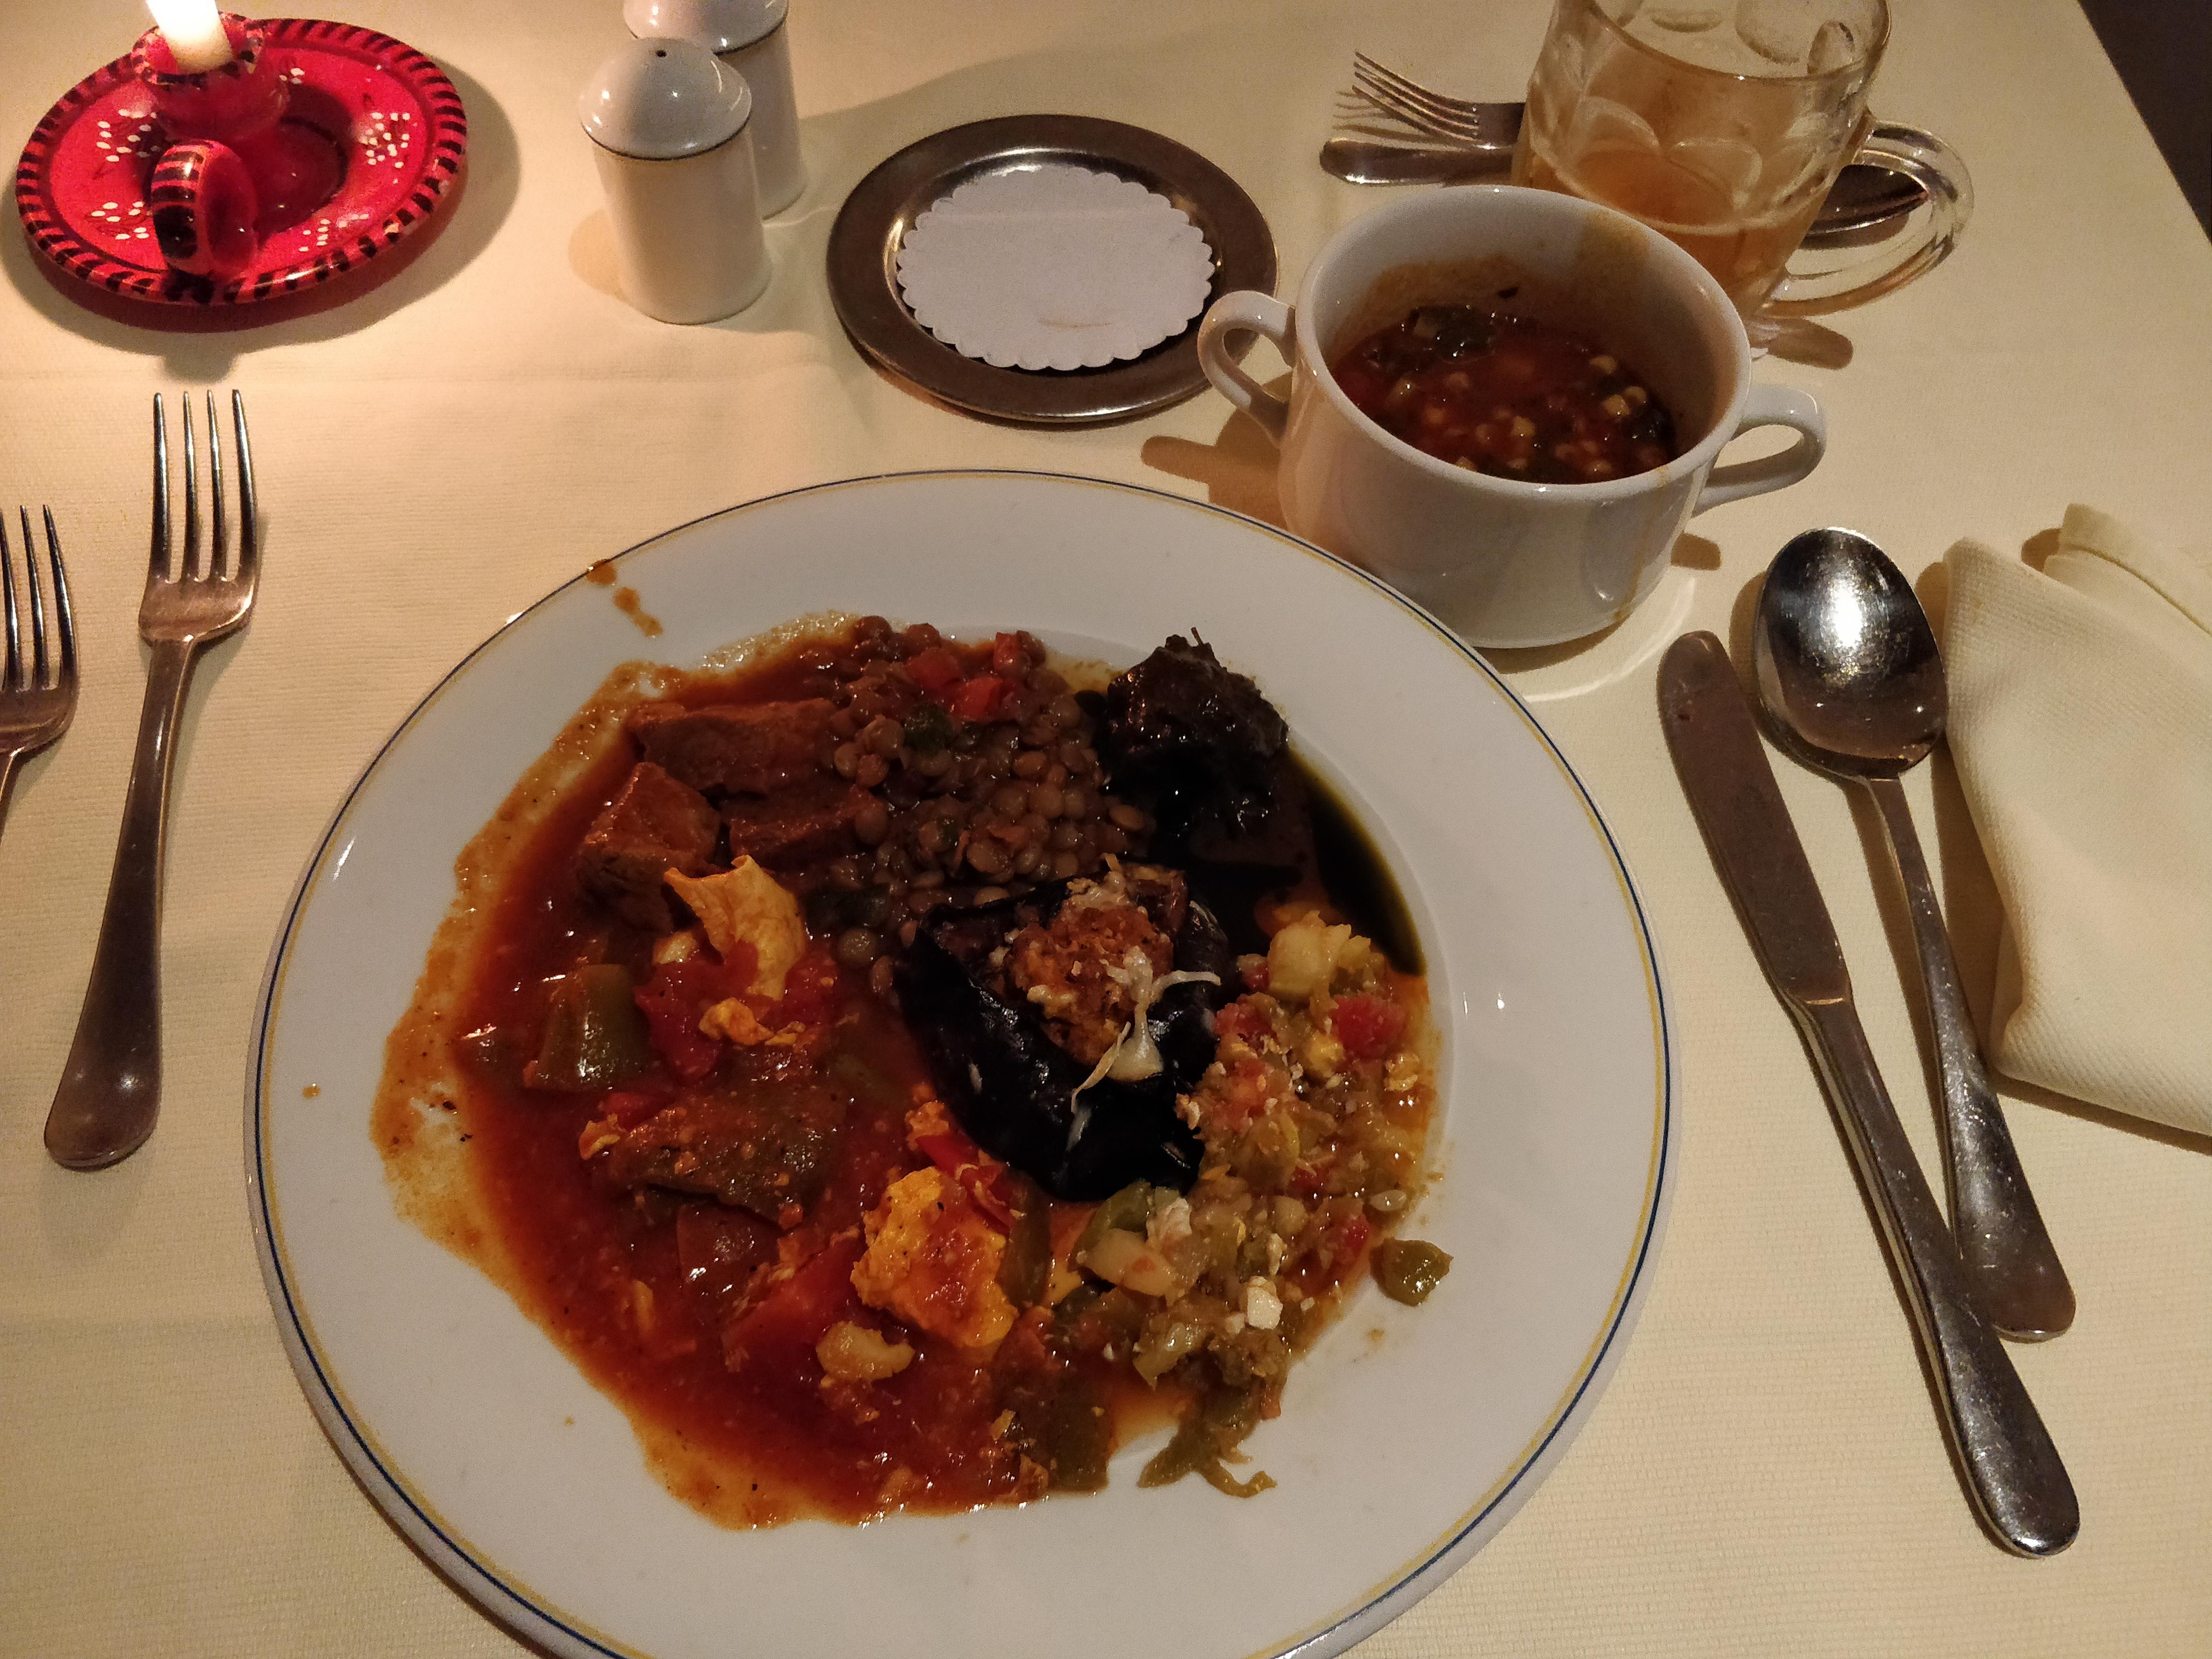 https://foodloader.net/nico_2018-10-25_royal-el-mansour-4.jpg